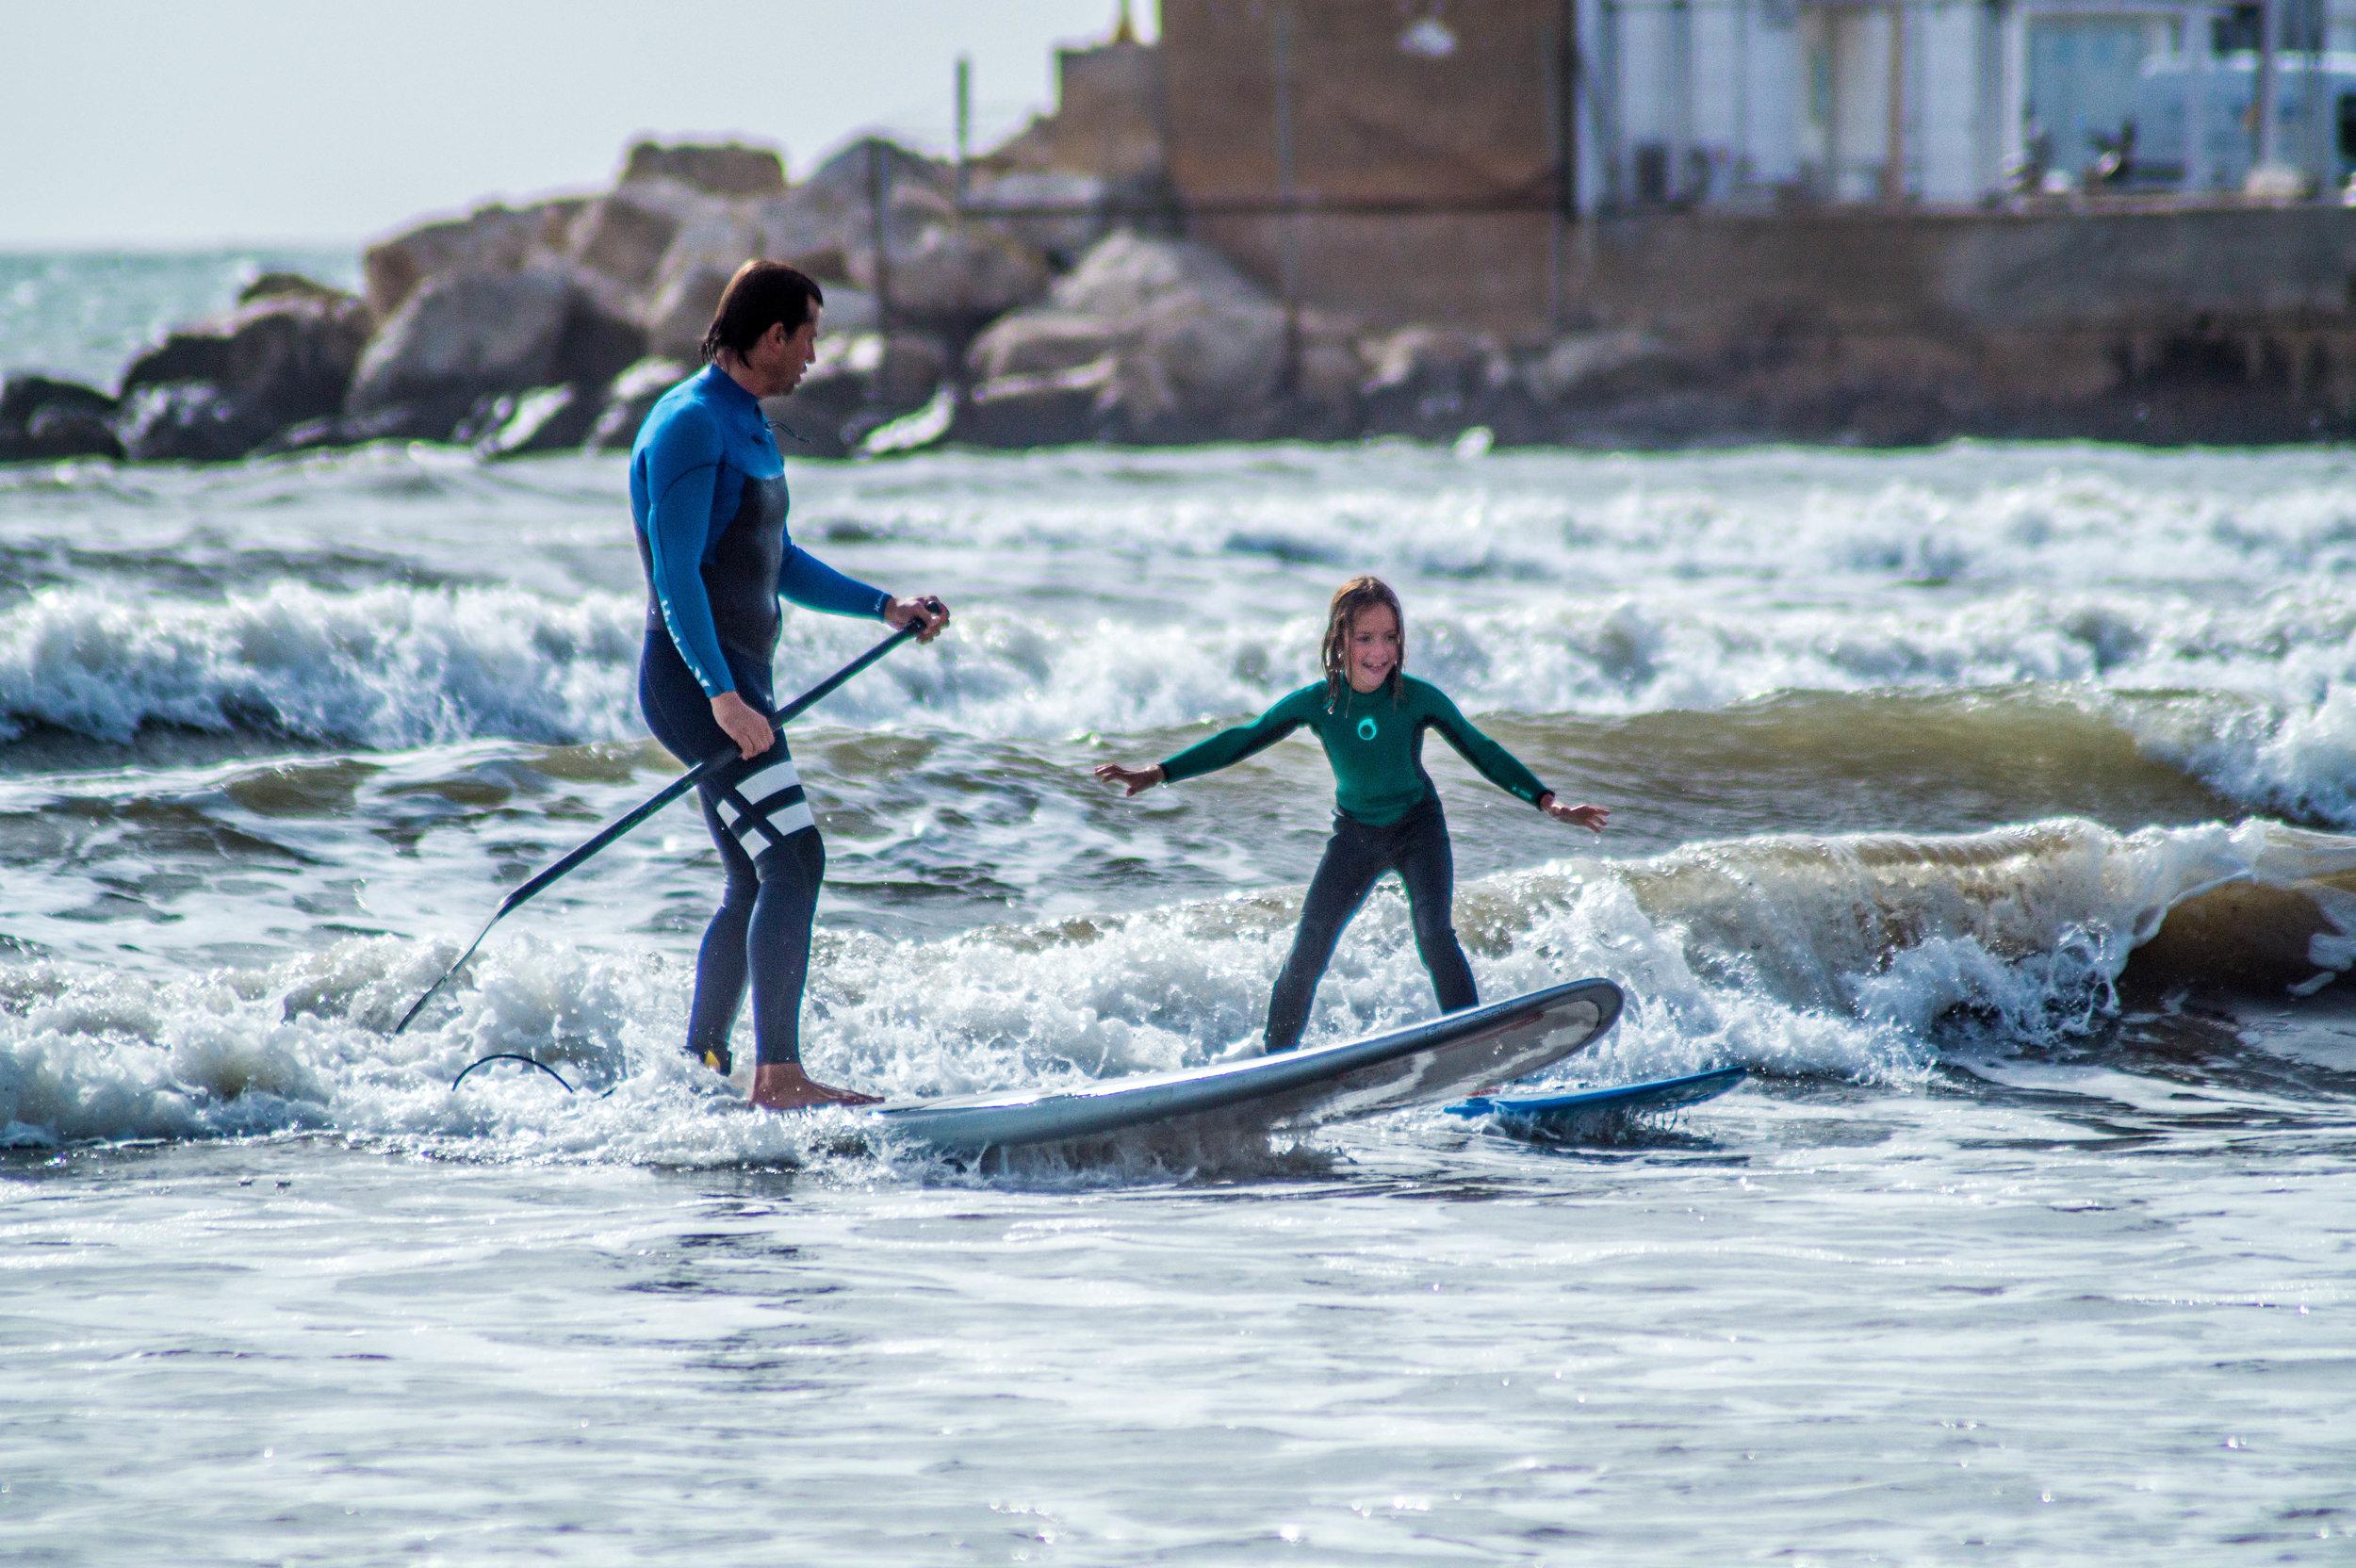 170204_canpastilla_surfer6.jpg